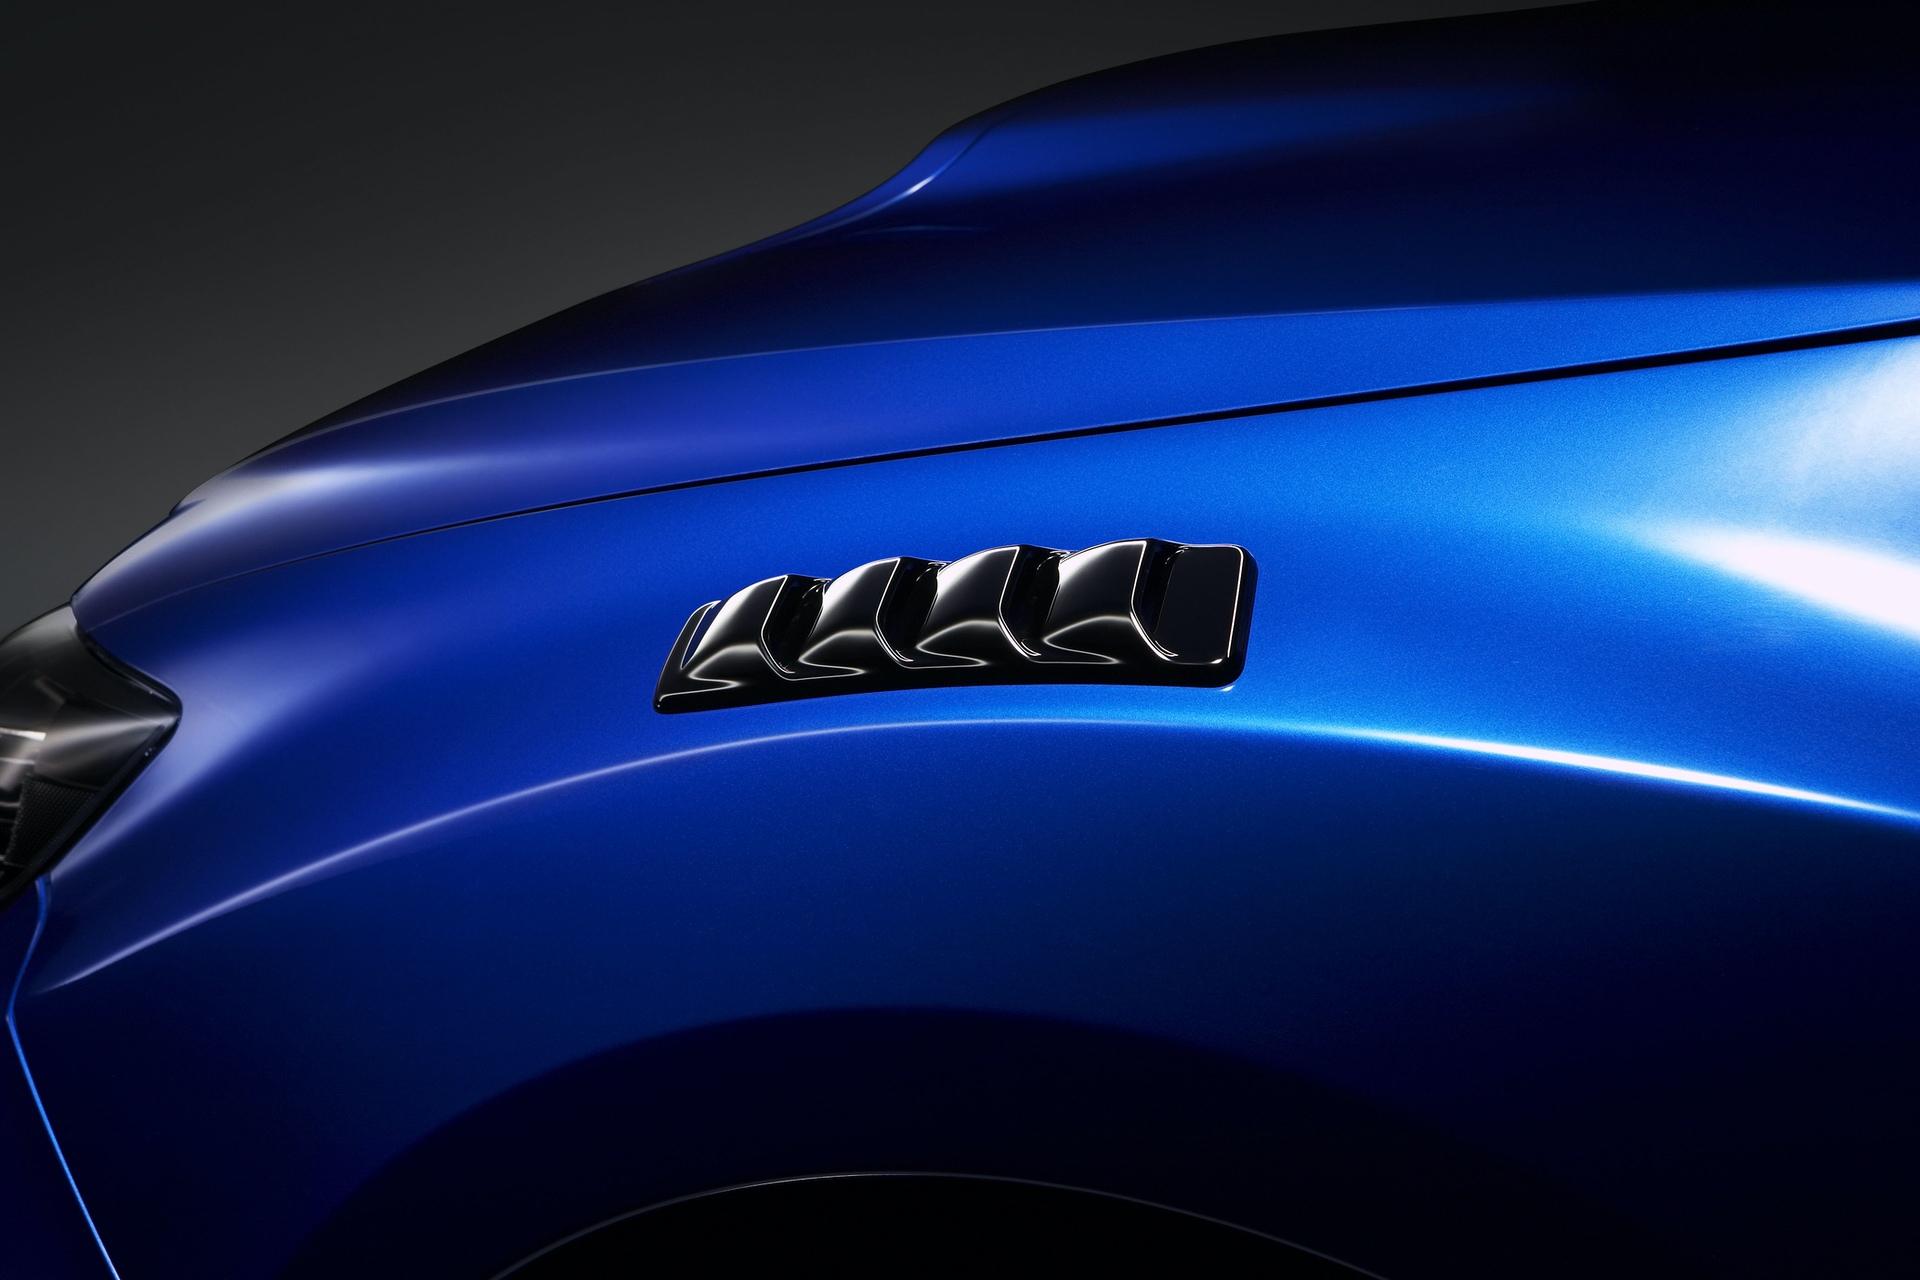 Subaru_Impreza_STI_S206_0009